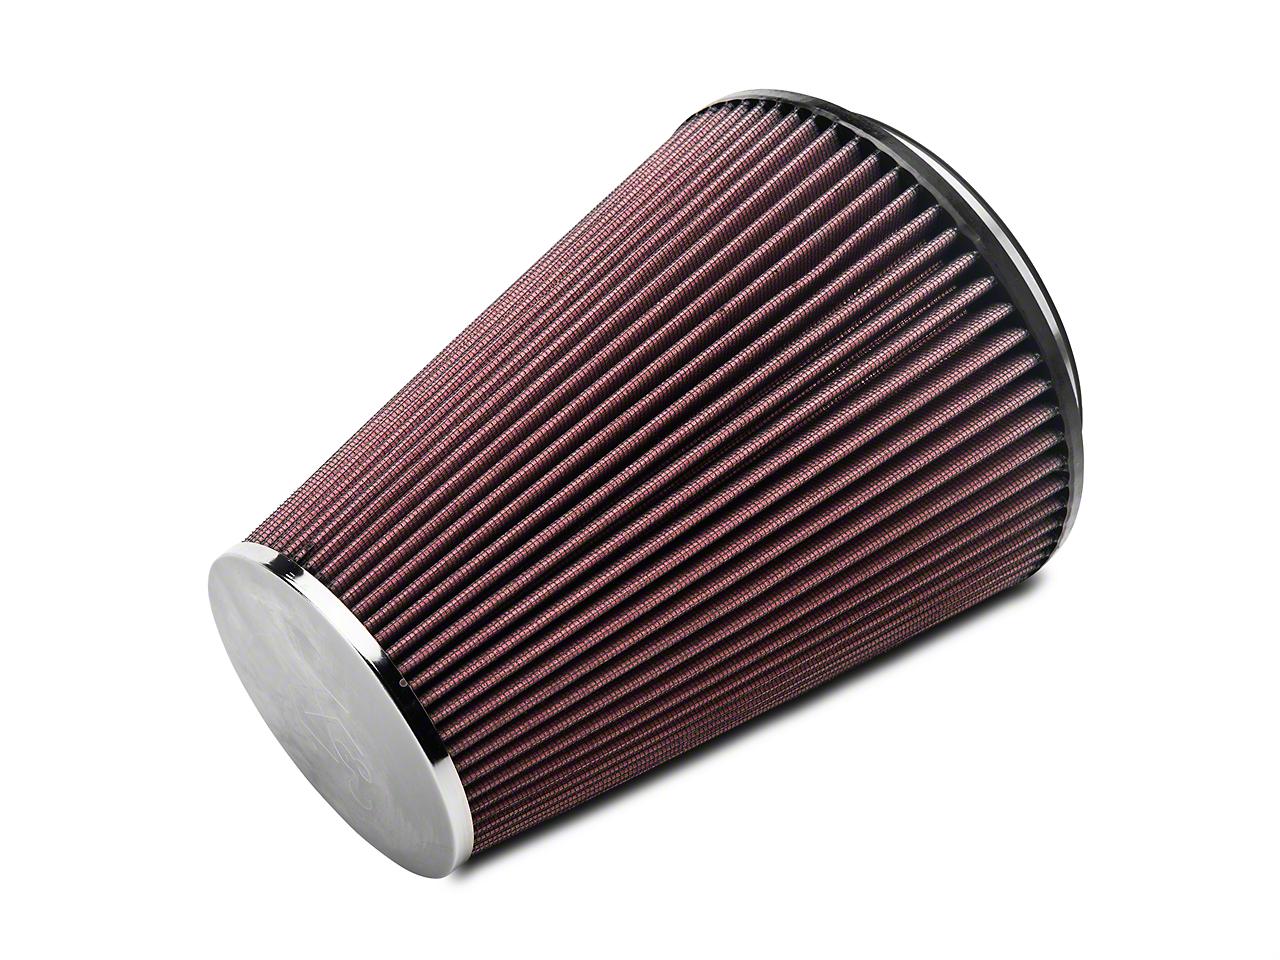 K&N Intake Replacement Filter (03-04 Cobra)